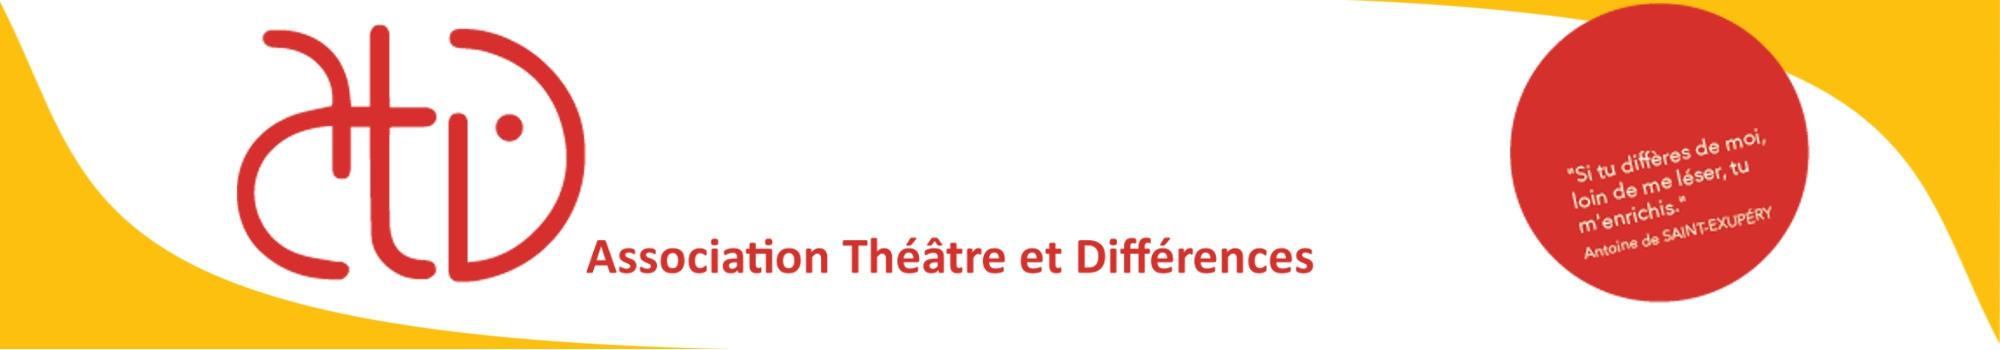 Association Théâtre et Différences